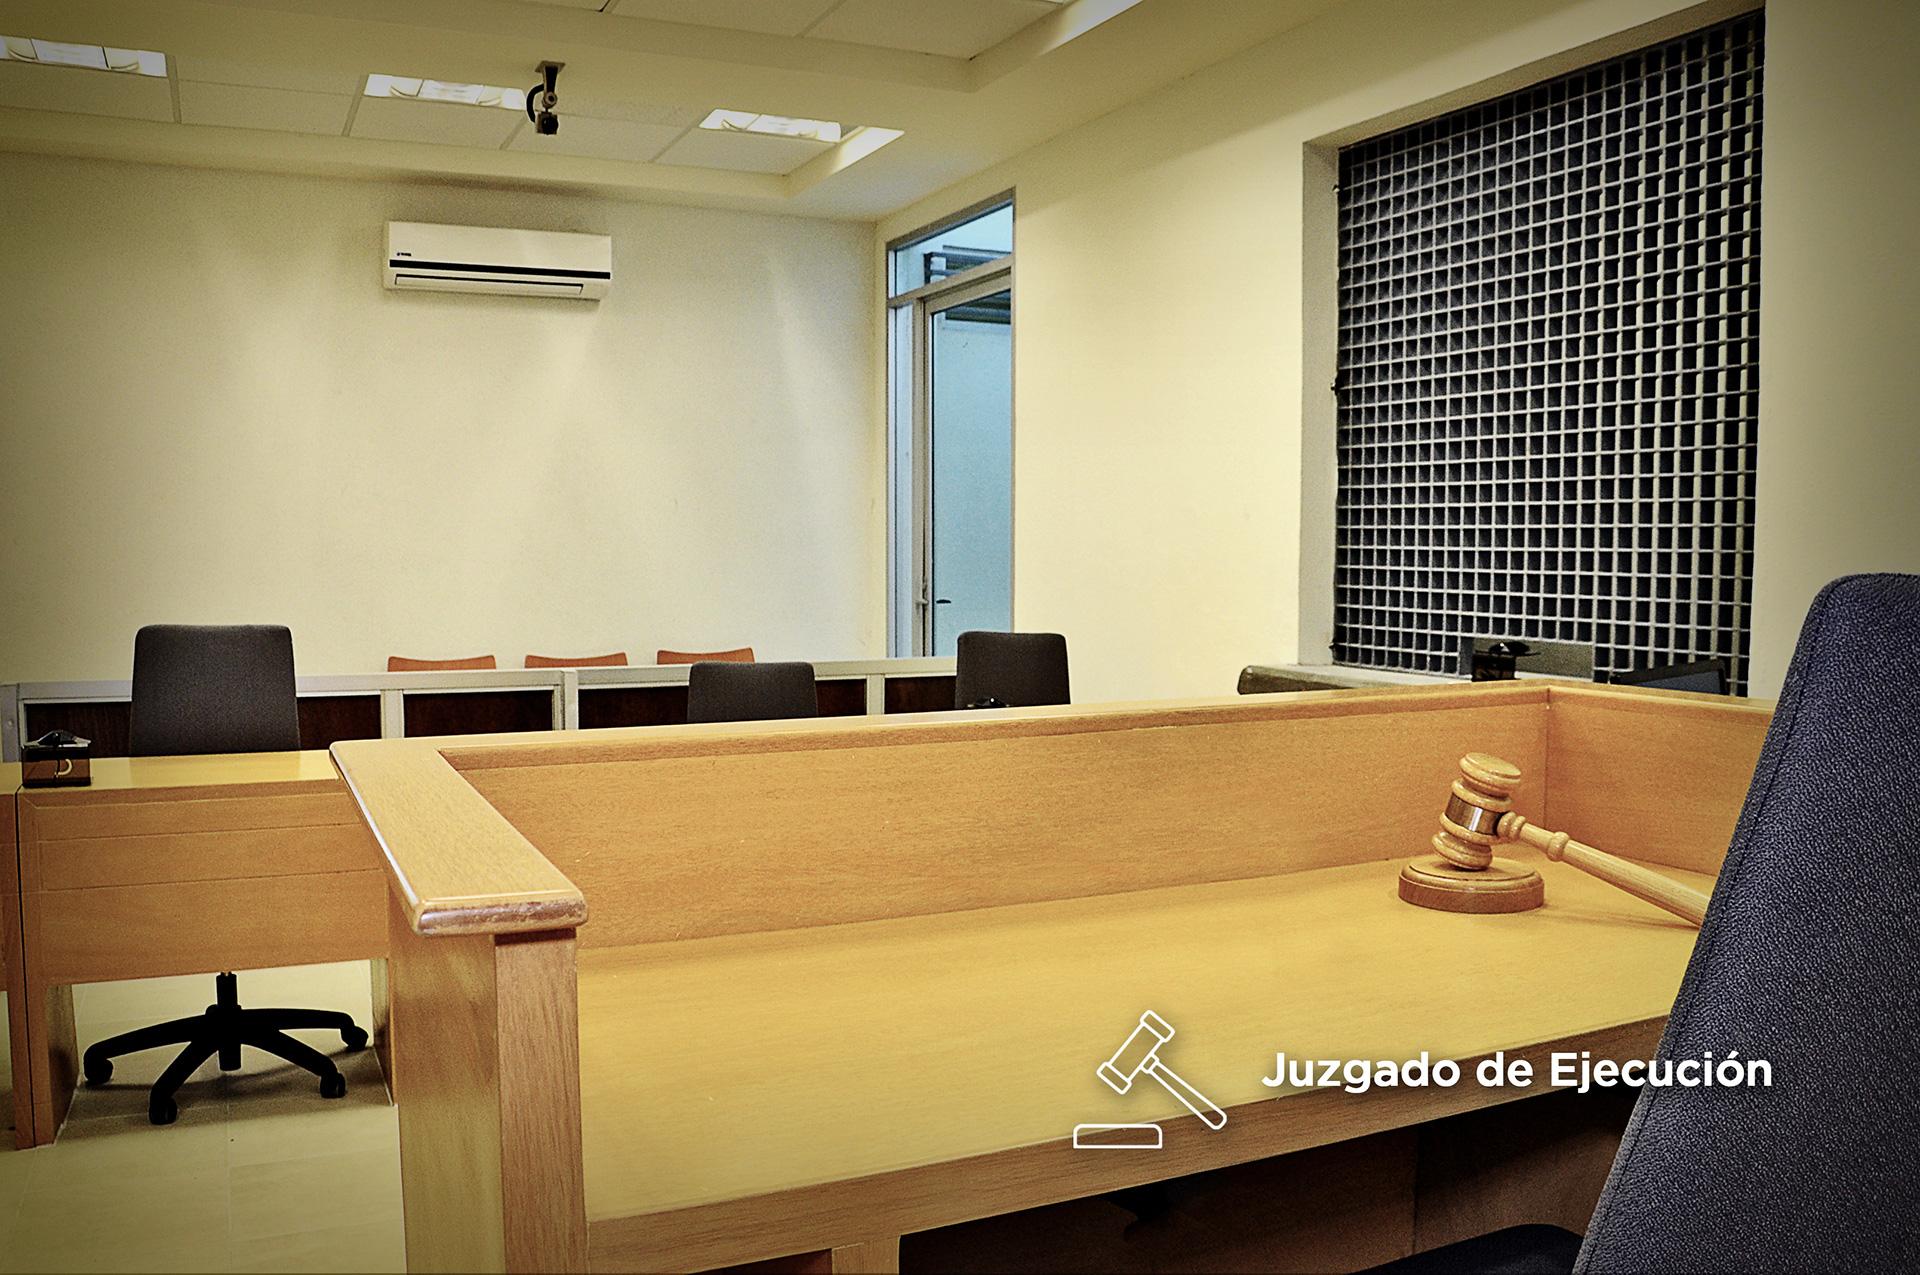 Poder Judicial Del Estado De Guanajuato